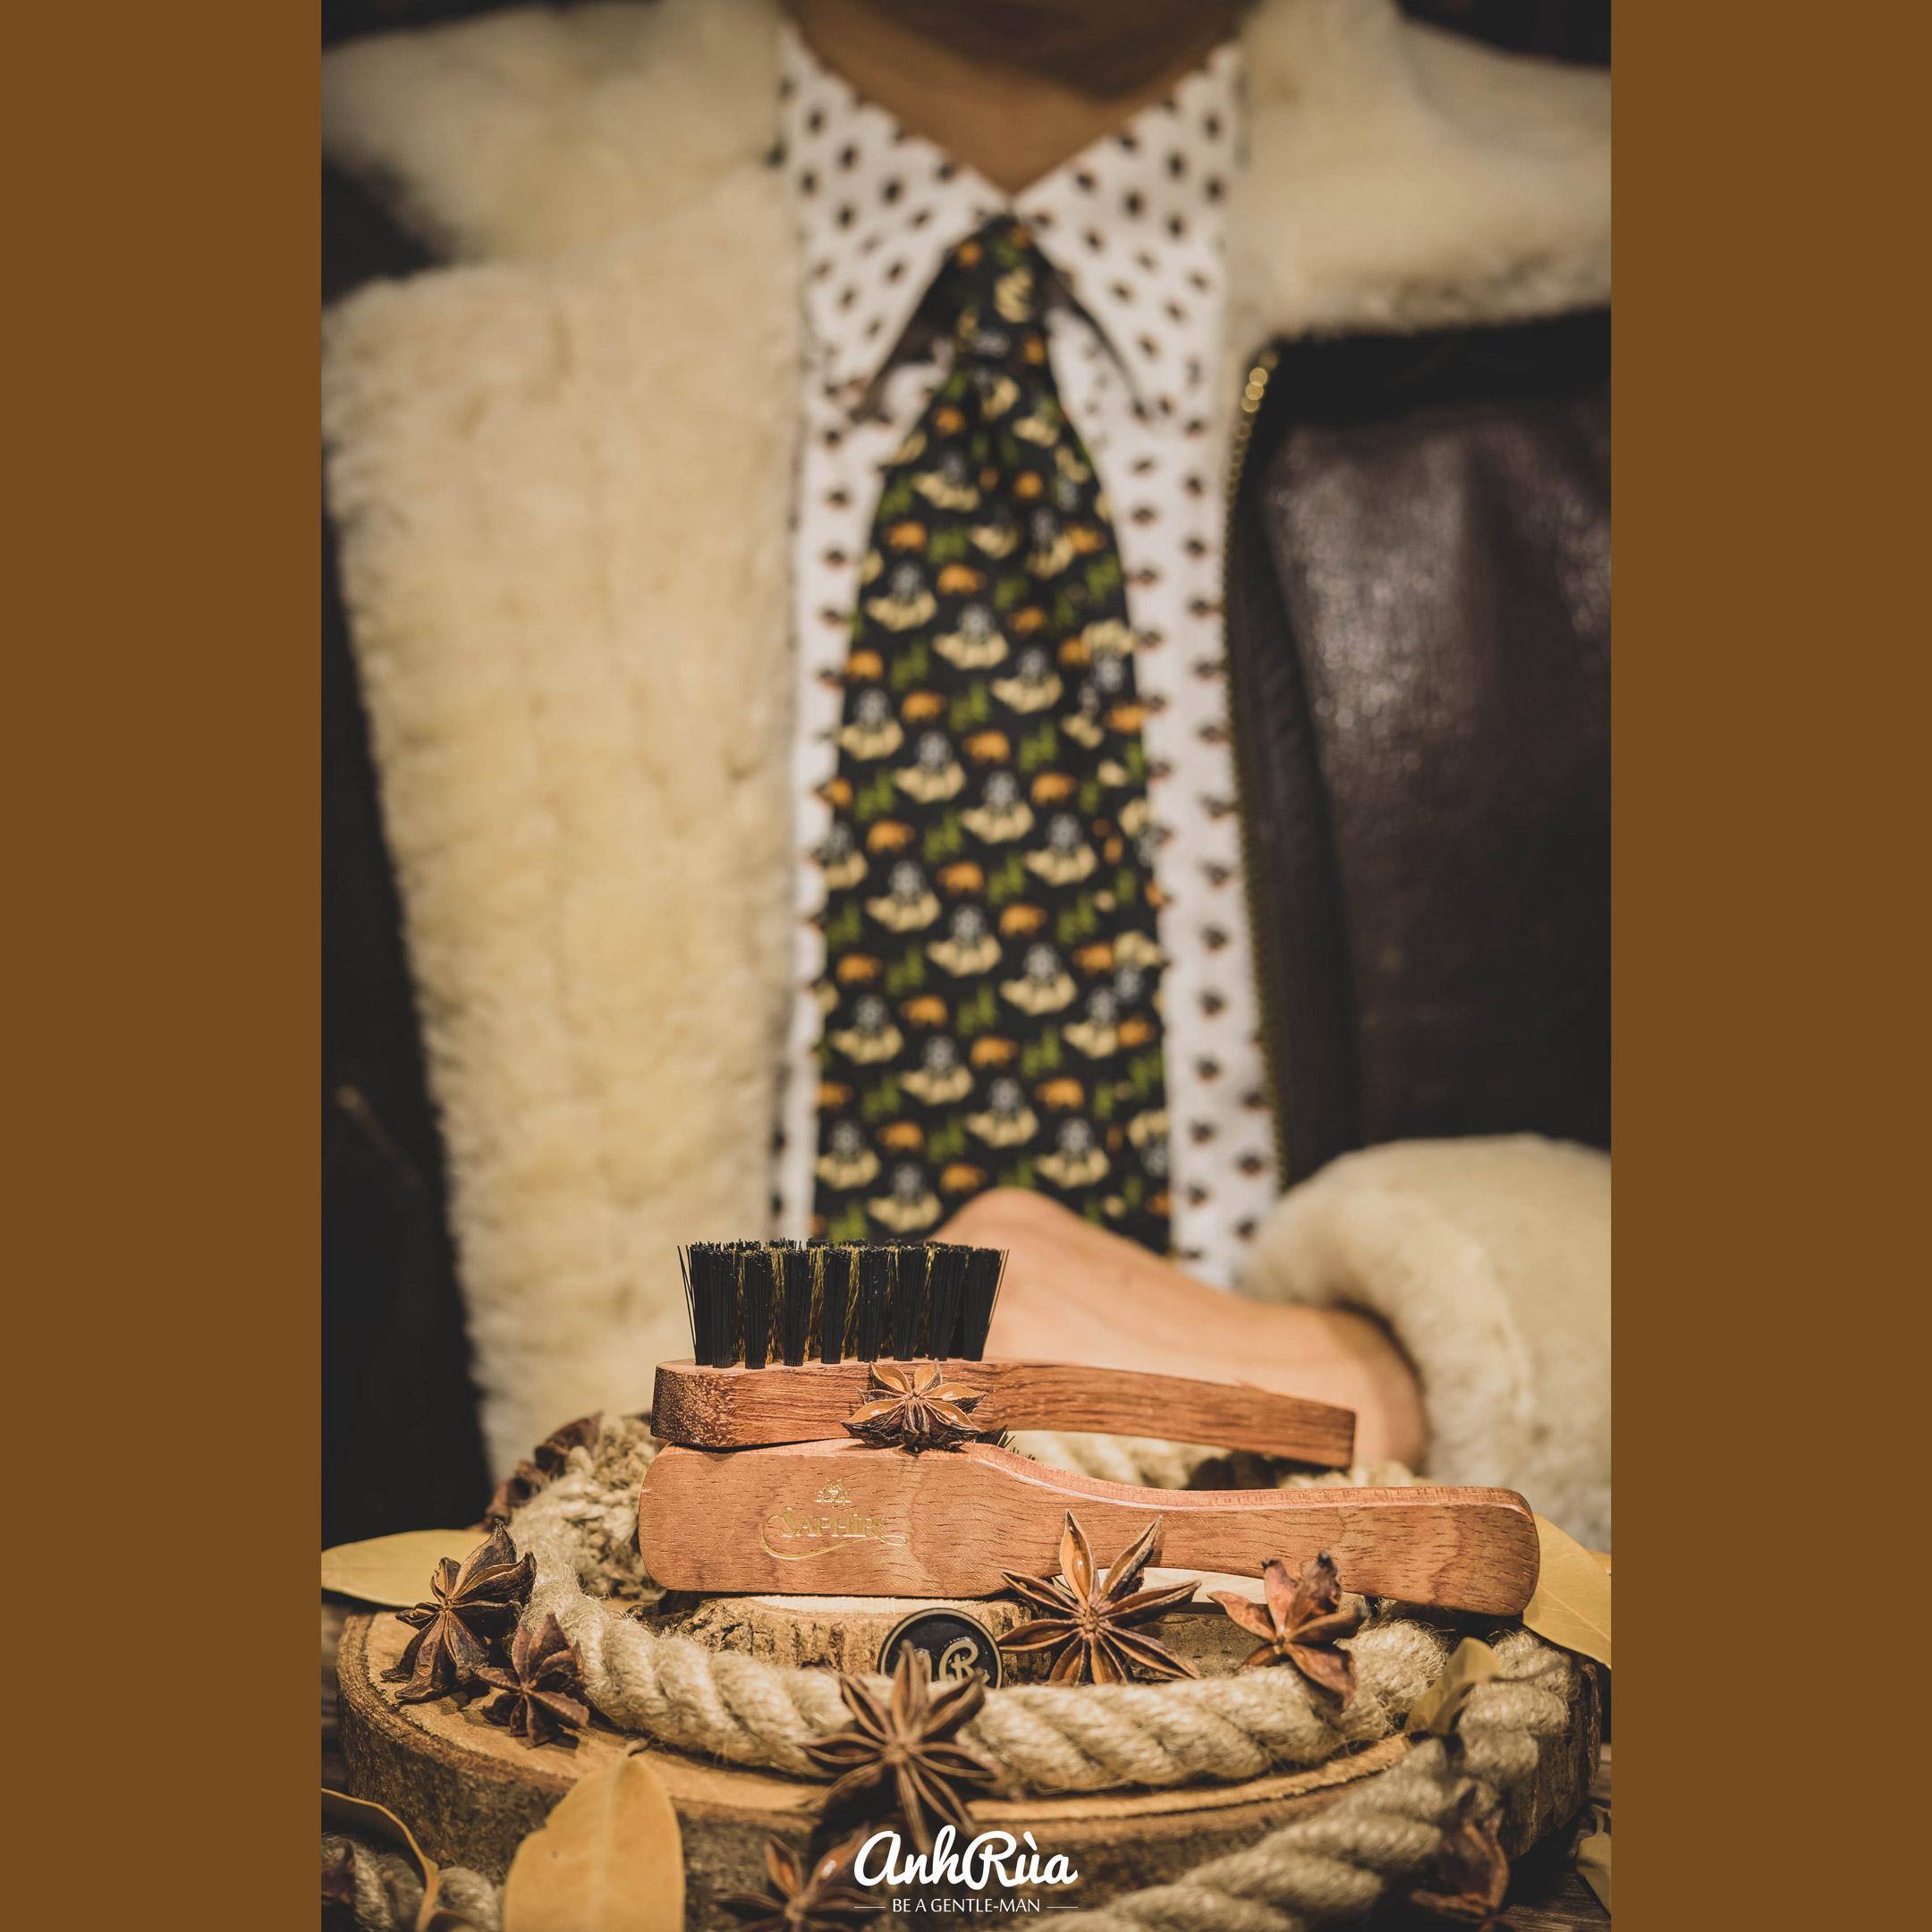 Bàn chải sợi đồng làm sạch da lộn, nubuck brass brush Saphir MDO 15cm